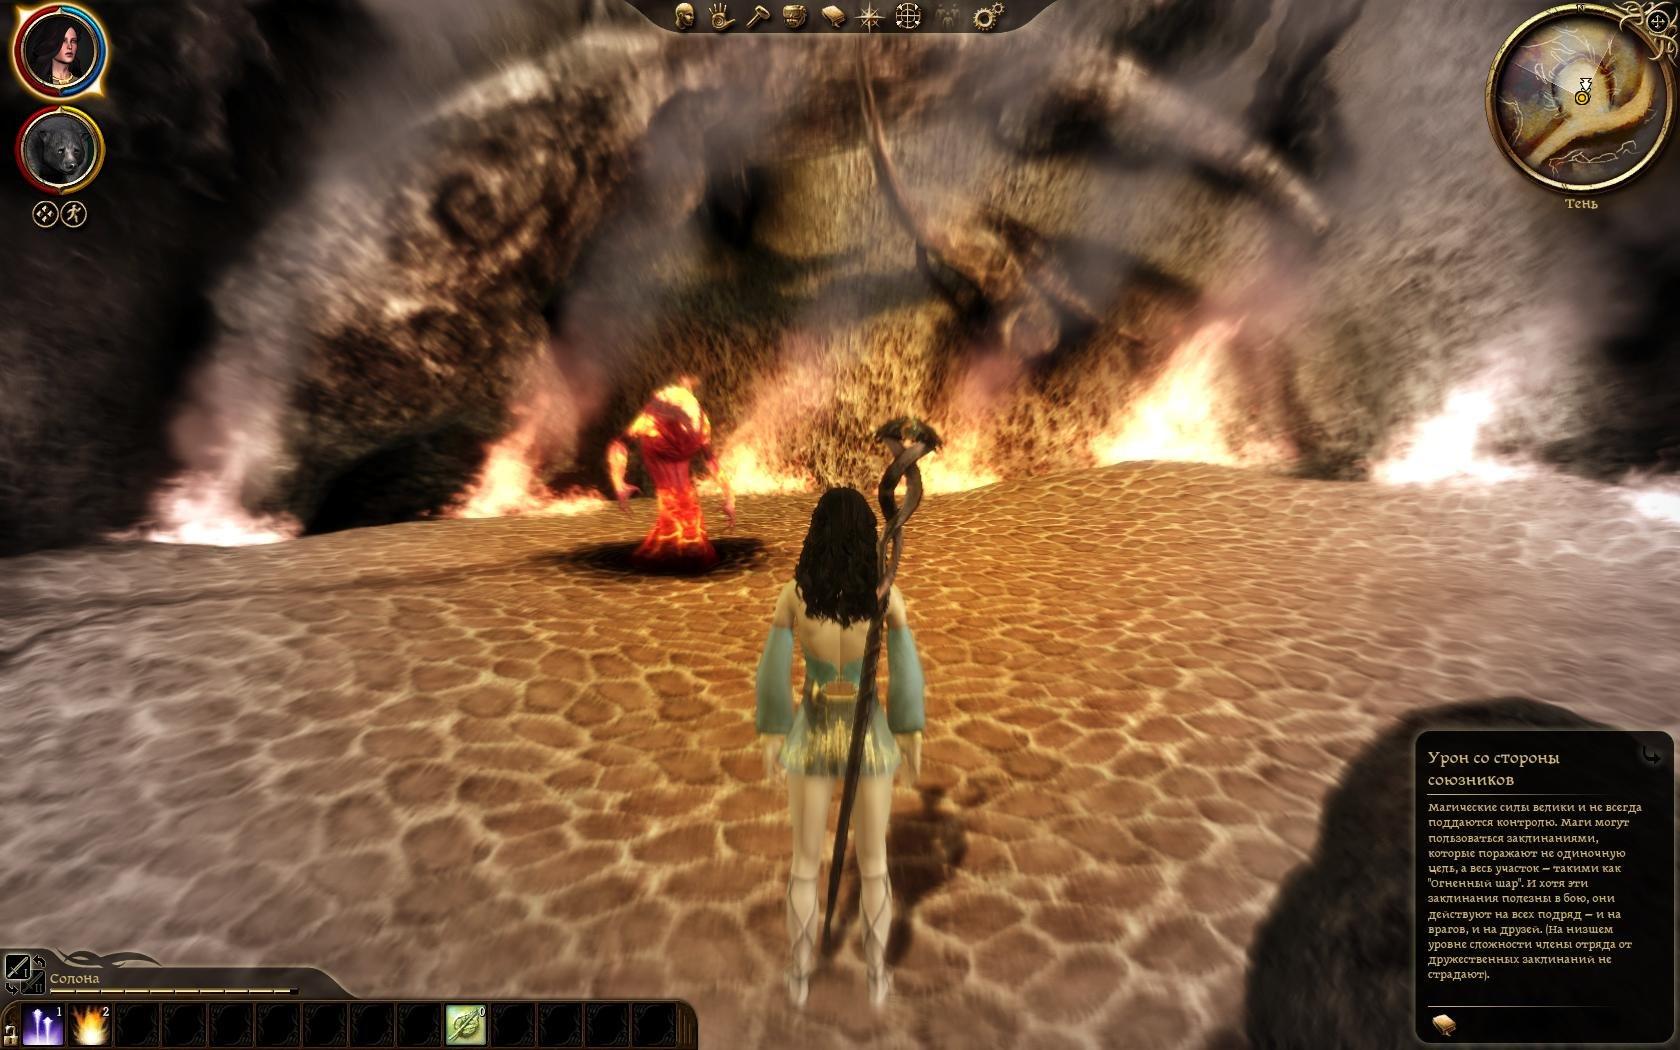 Сборка лучших обычных и секс модов для Dragon Age Origins 2.0